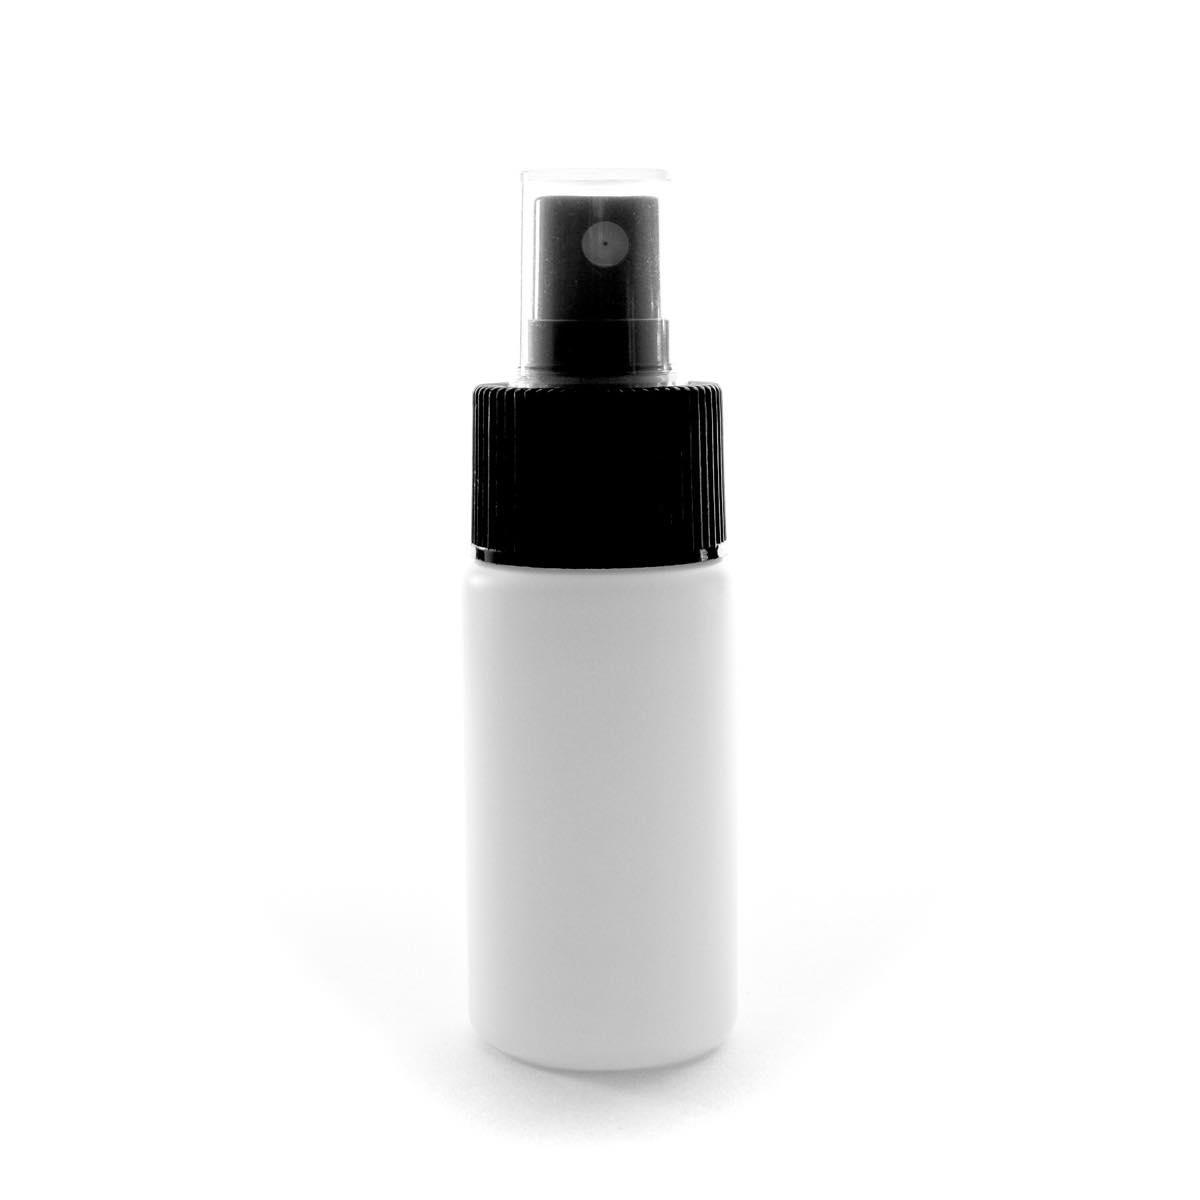 スプレーボトル 30mL PE ホワイト ストレートボトル【ブラックフィンガースプレー】【300個/ロット 送料無料】